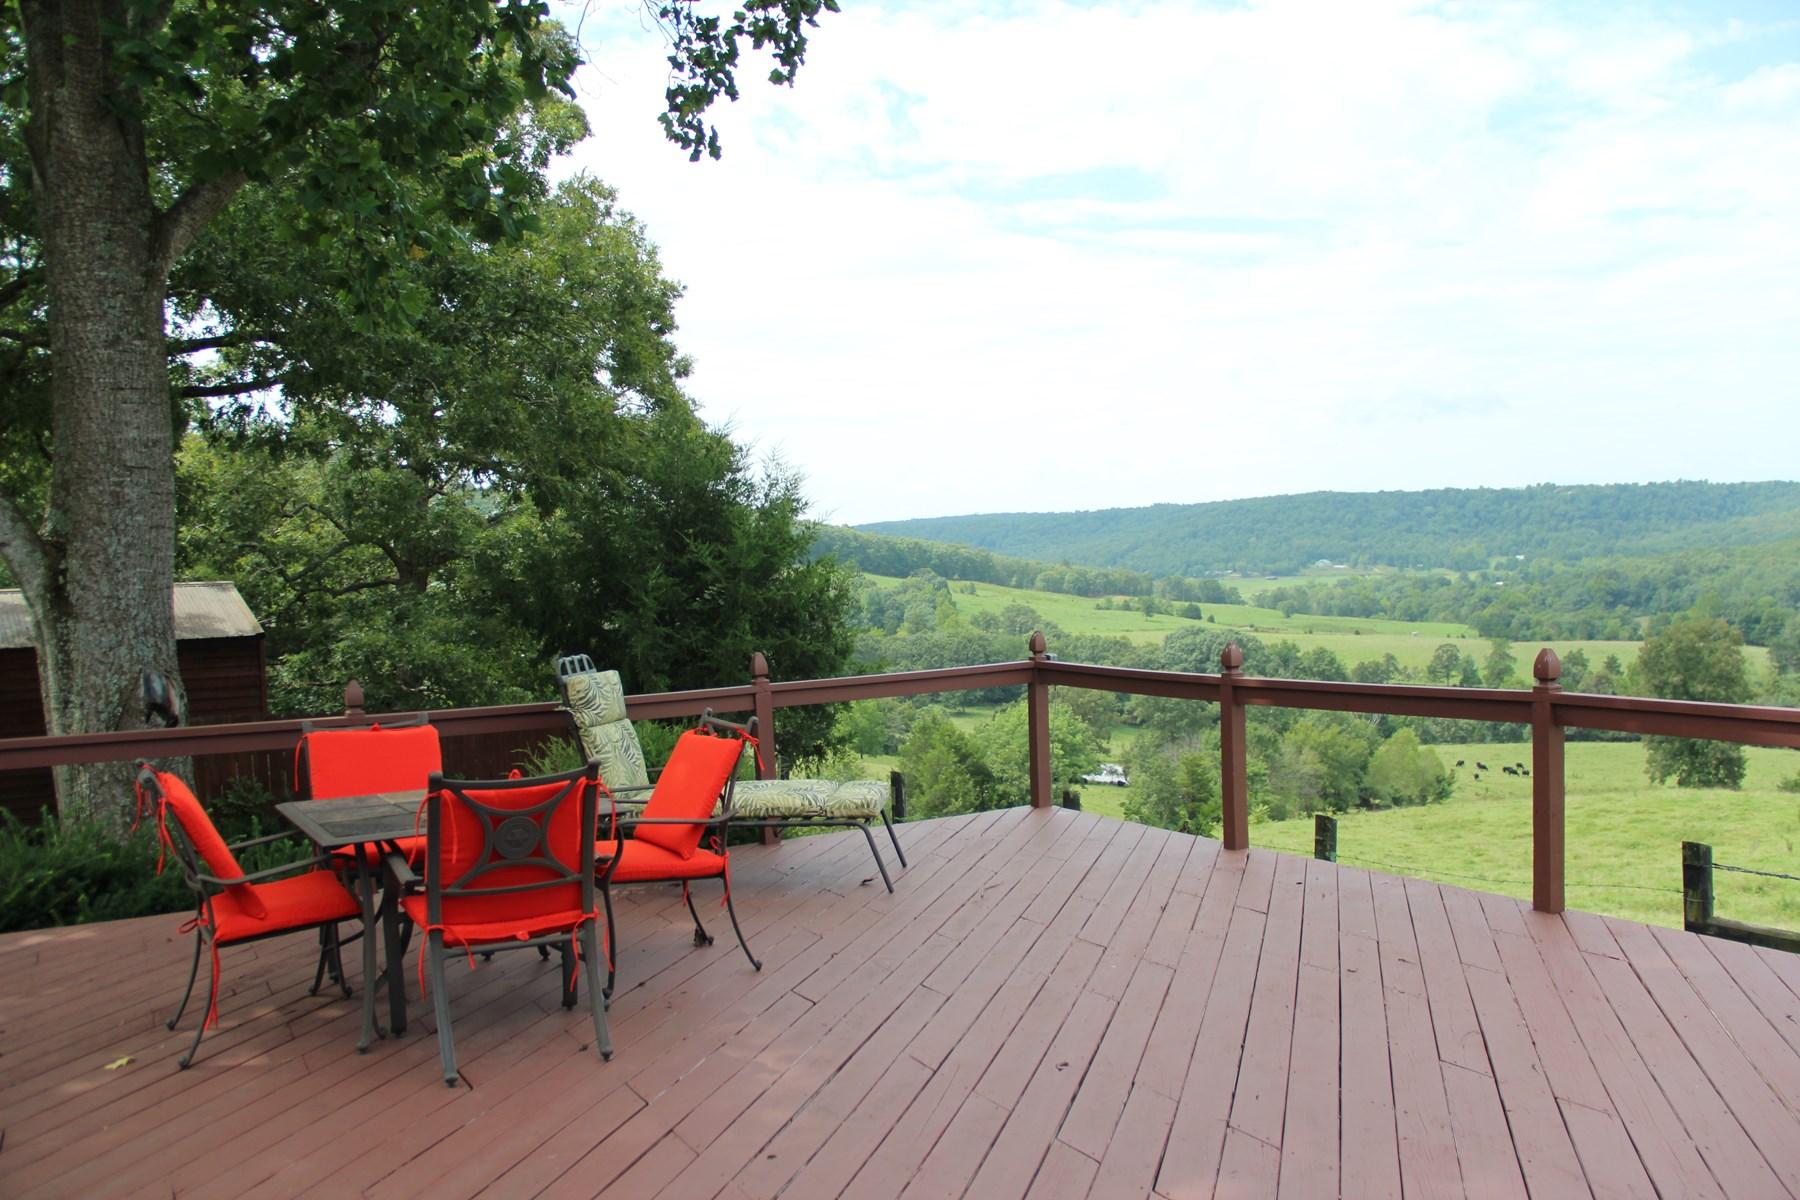 Main Home deck overlooking valley